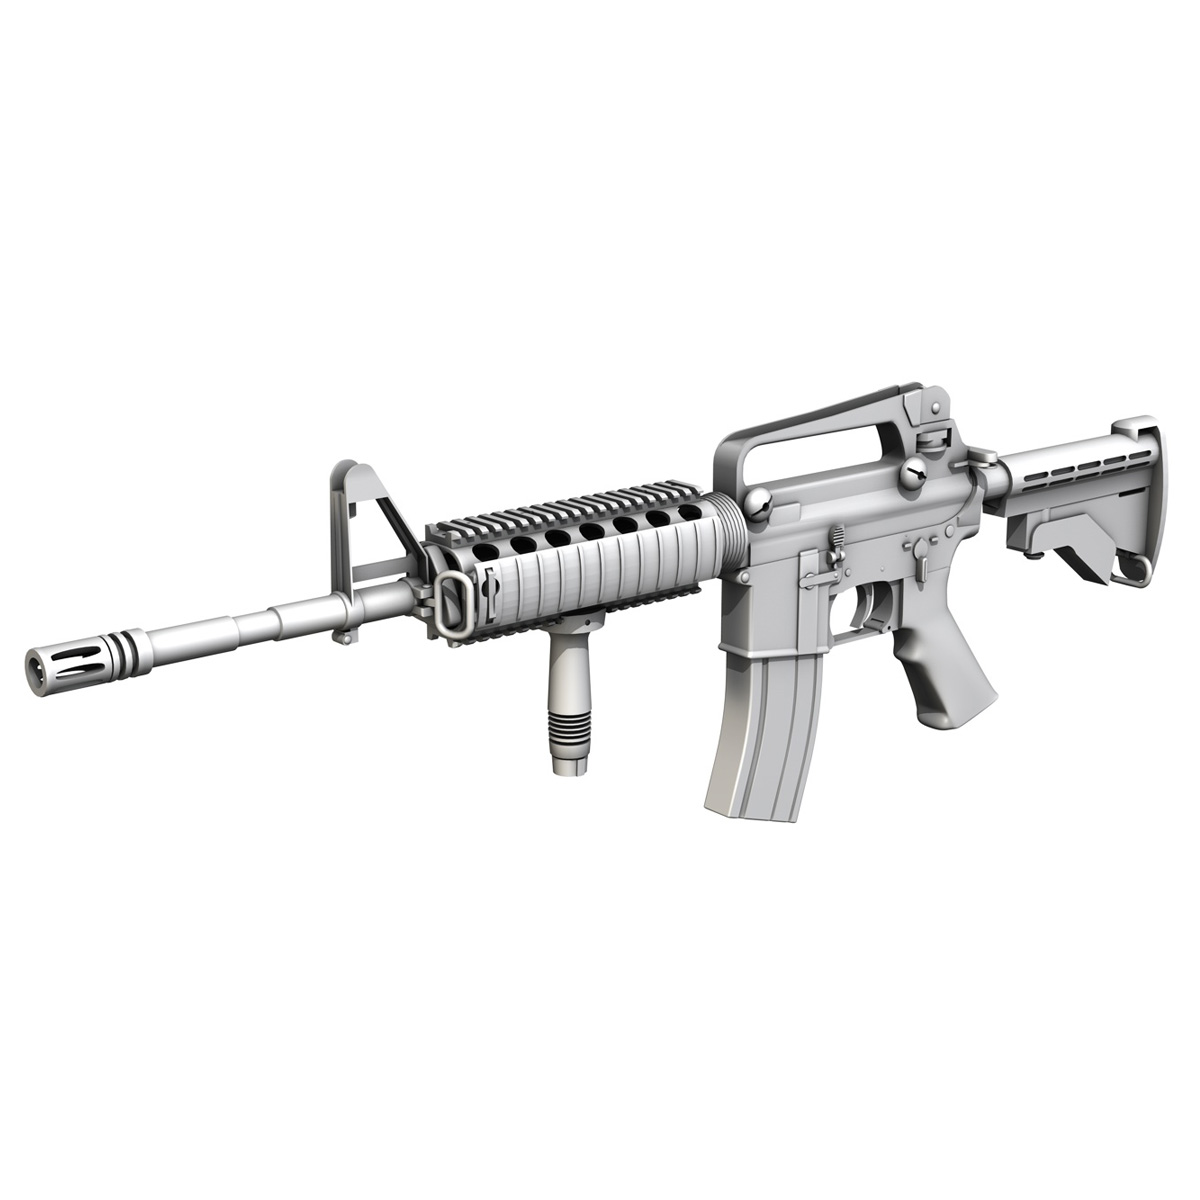 Colt M4A1 Carbine RIS Assault Rifle 3D Model